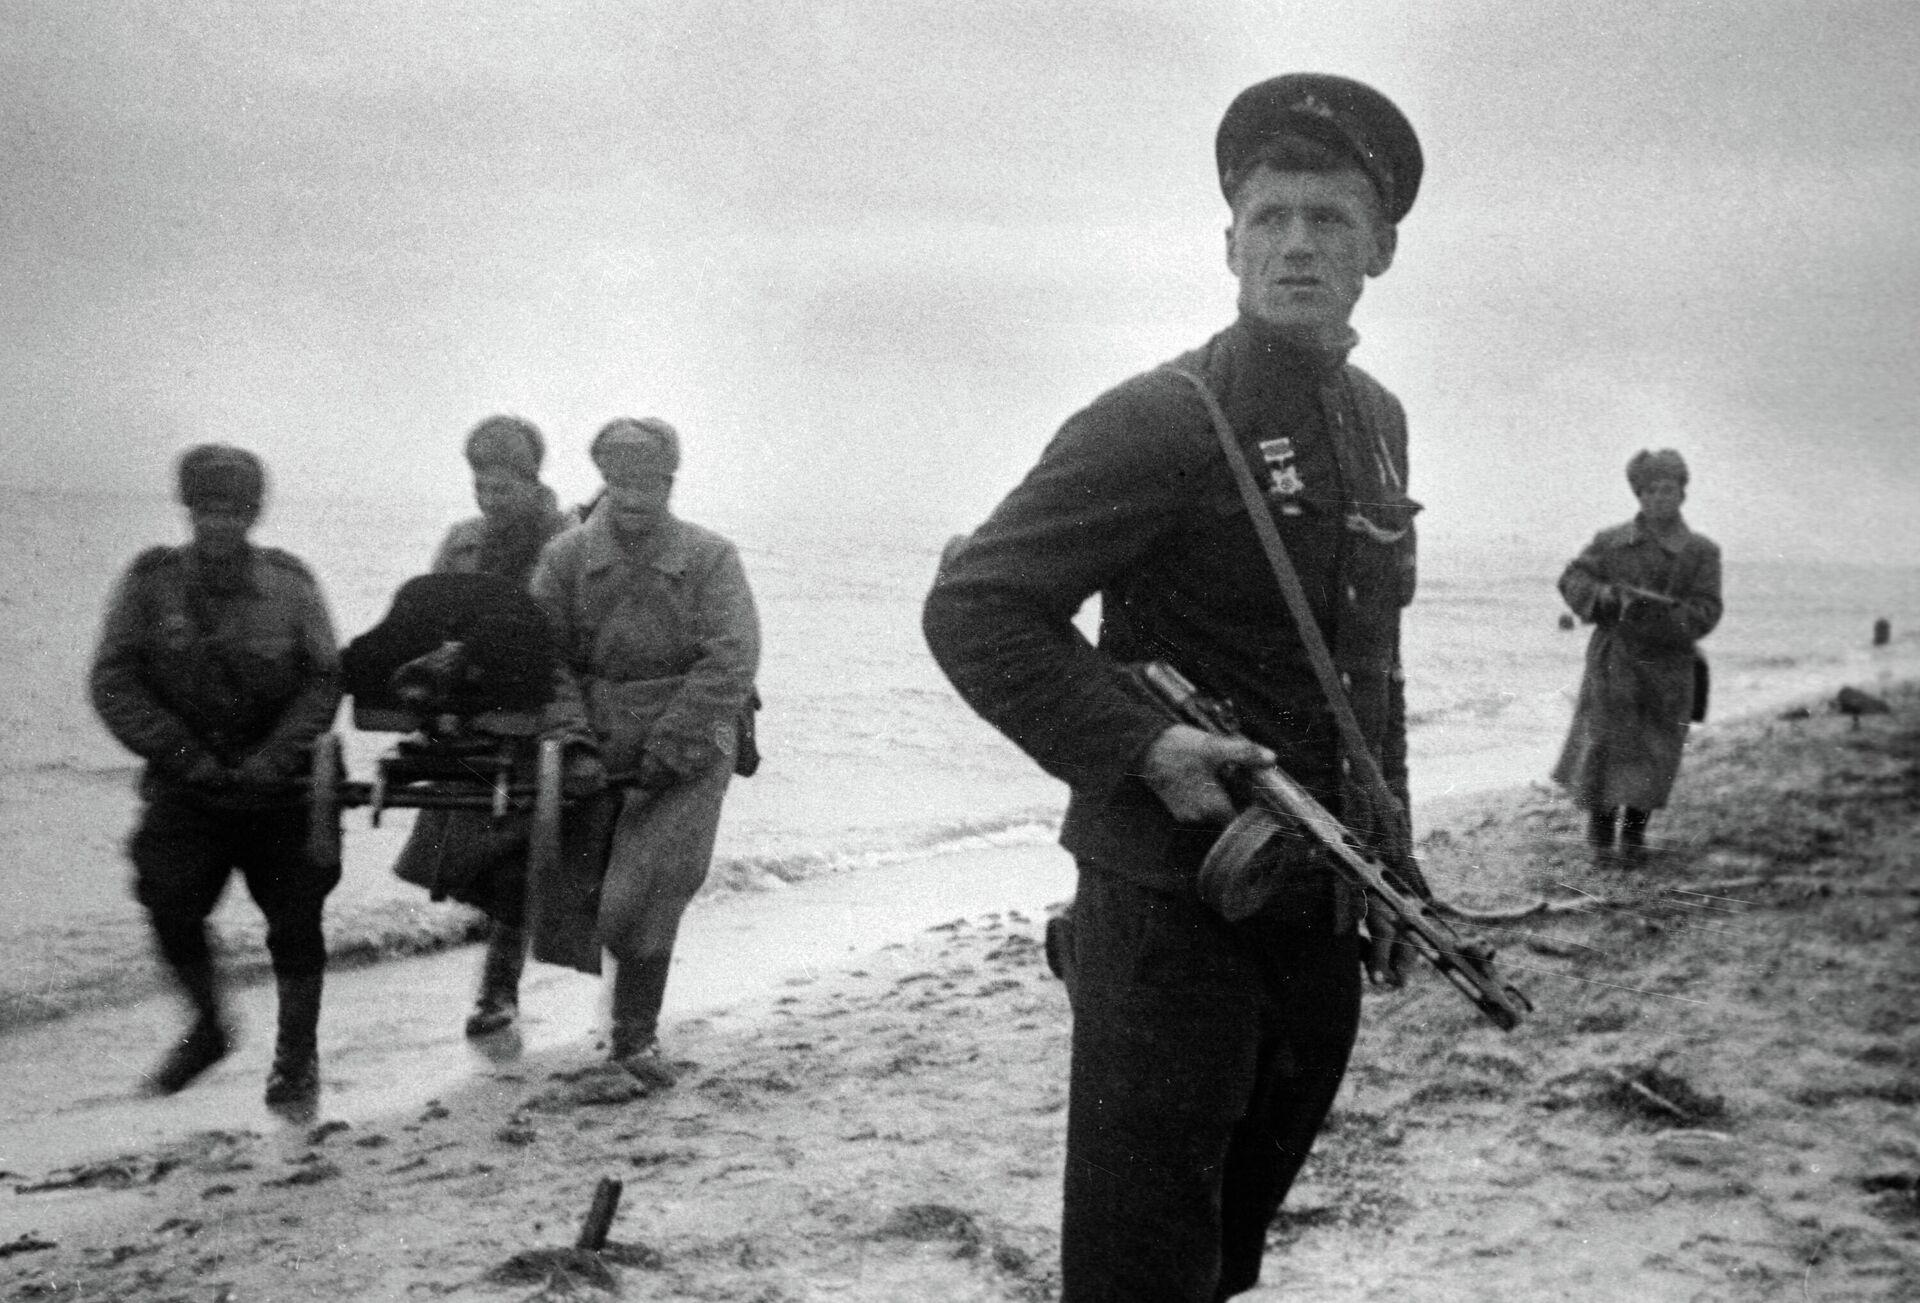 Бойцы красной армии во время Керченской десантной операции - РИА Новости, 1920, 26.11.2020